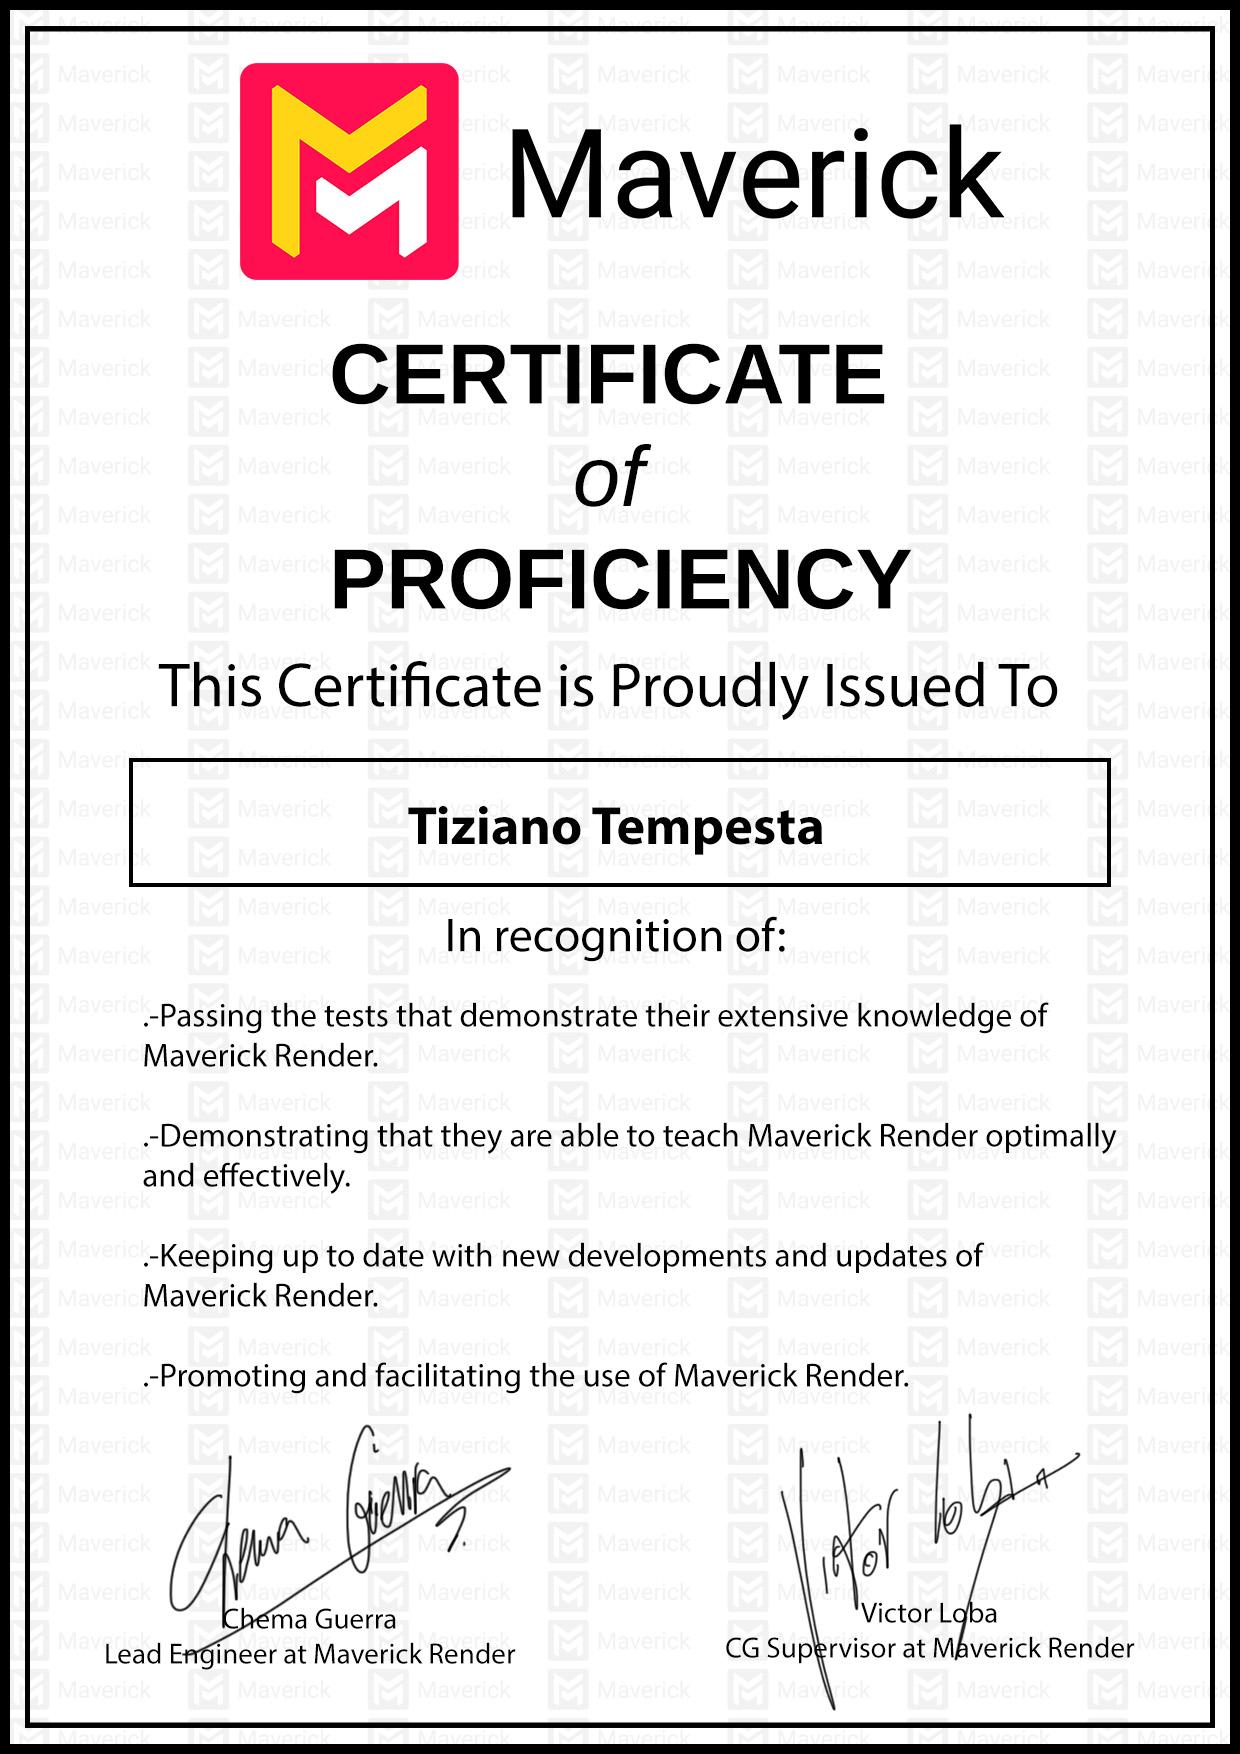 maverickrender-certificate-of-proficiency-tiziano-tempesta